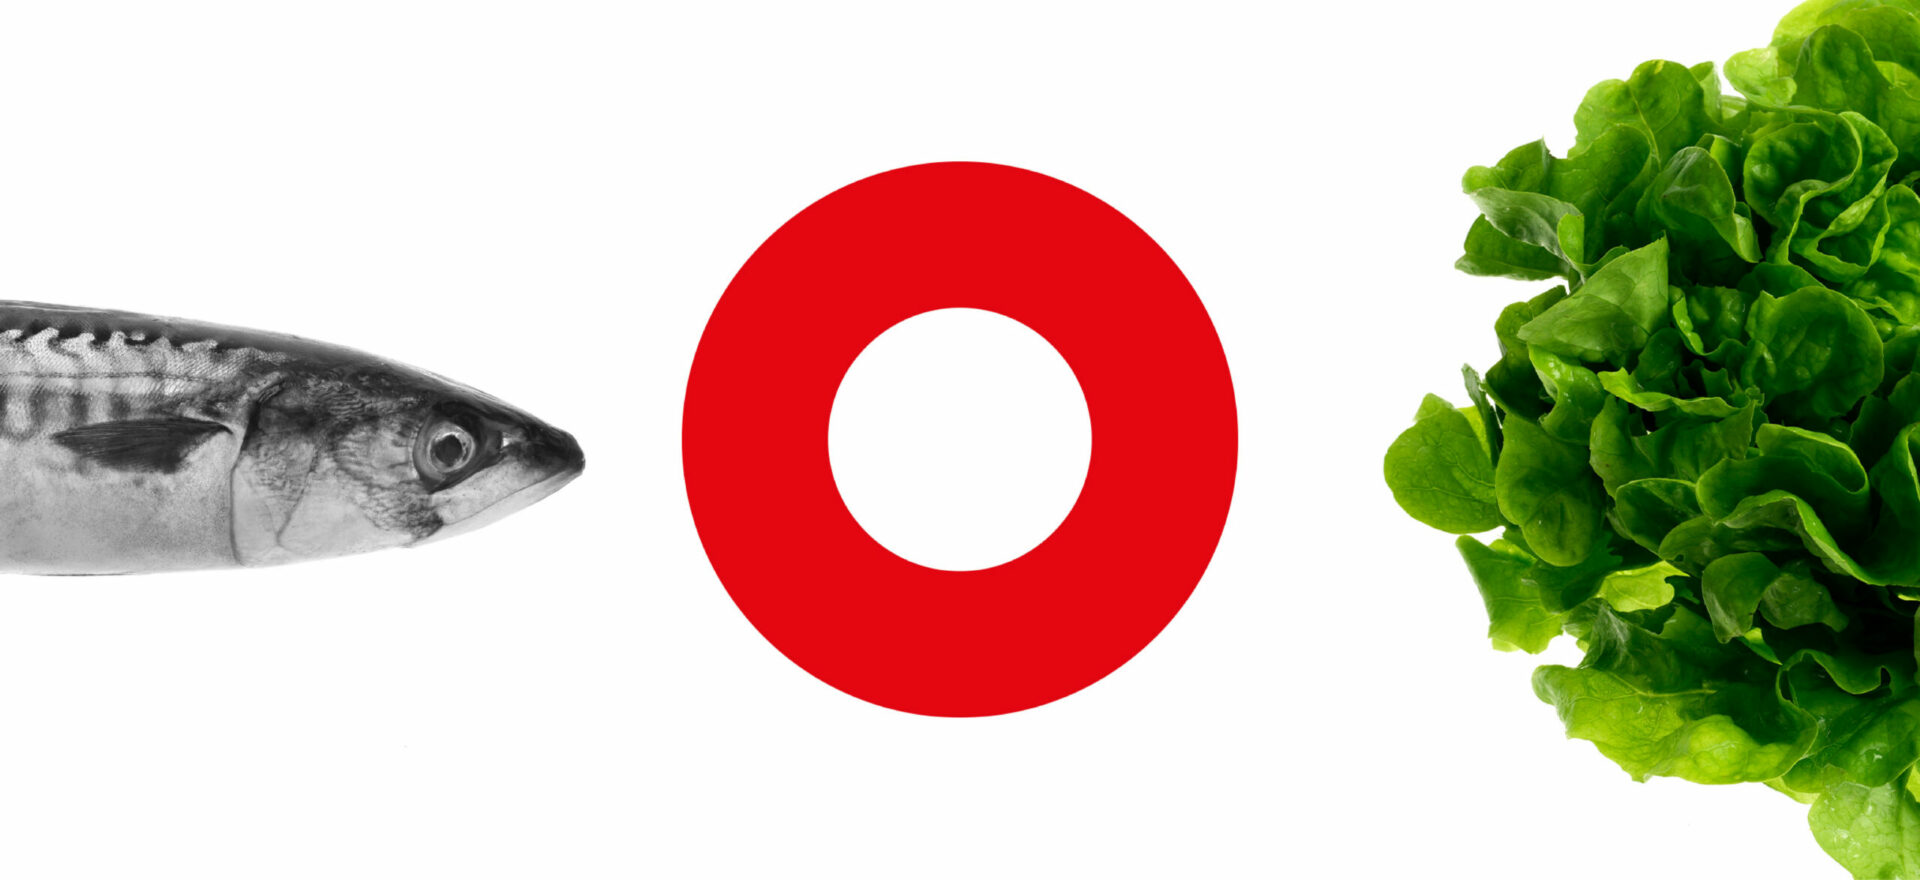 Graphic & Interior Design | Branding | Coop Italia| Mario Trimarchi Design | Fragile